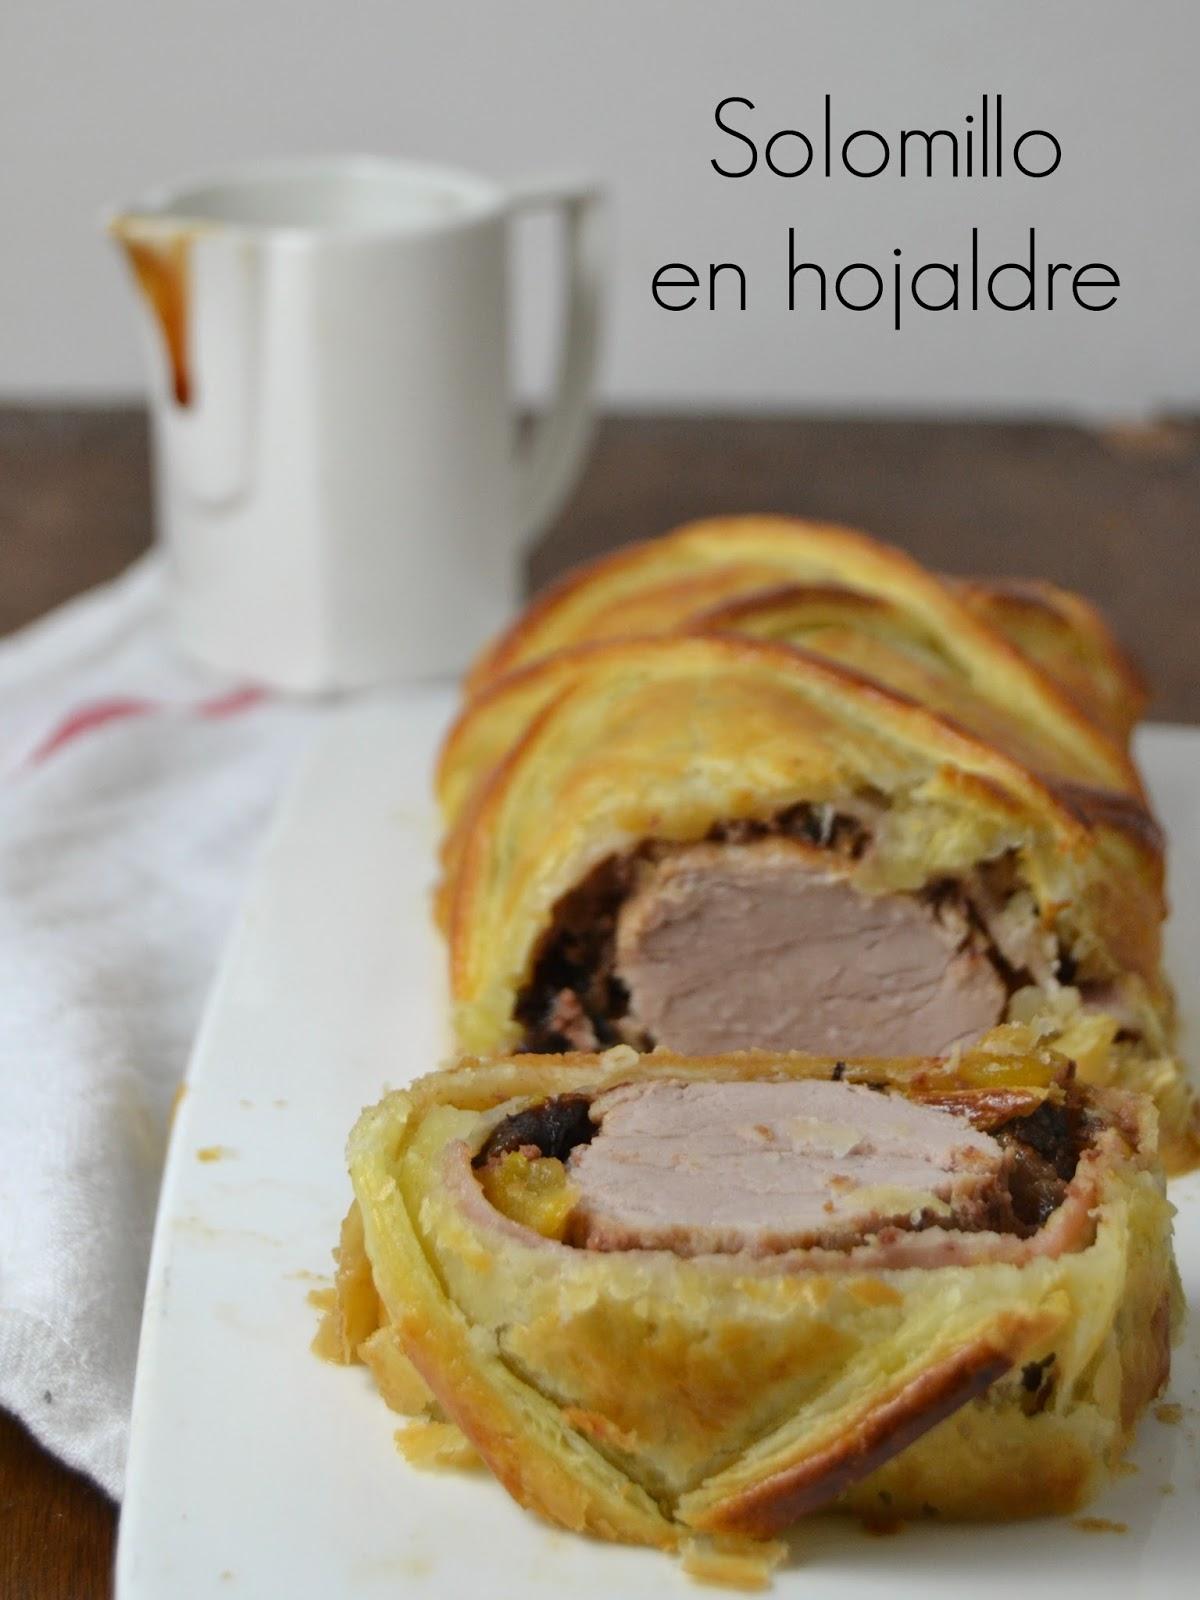 Solomillo de cerdo en hojaldre o wellington cuuking - Recets de cocina ...